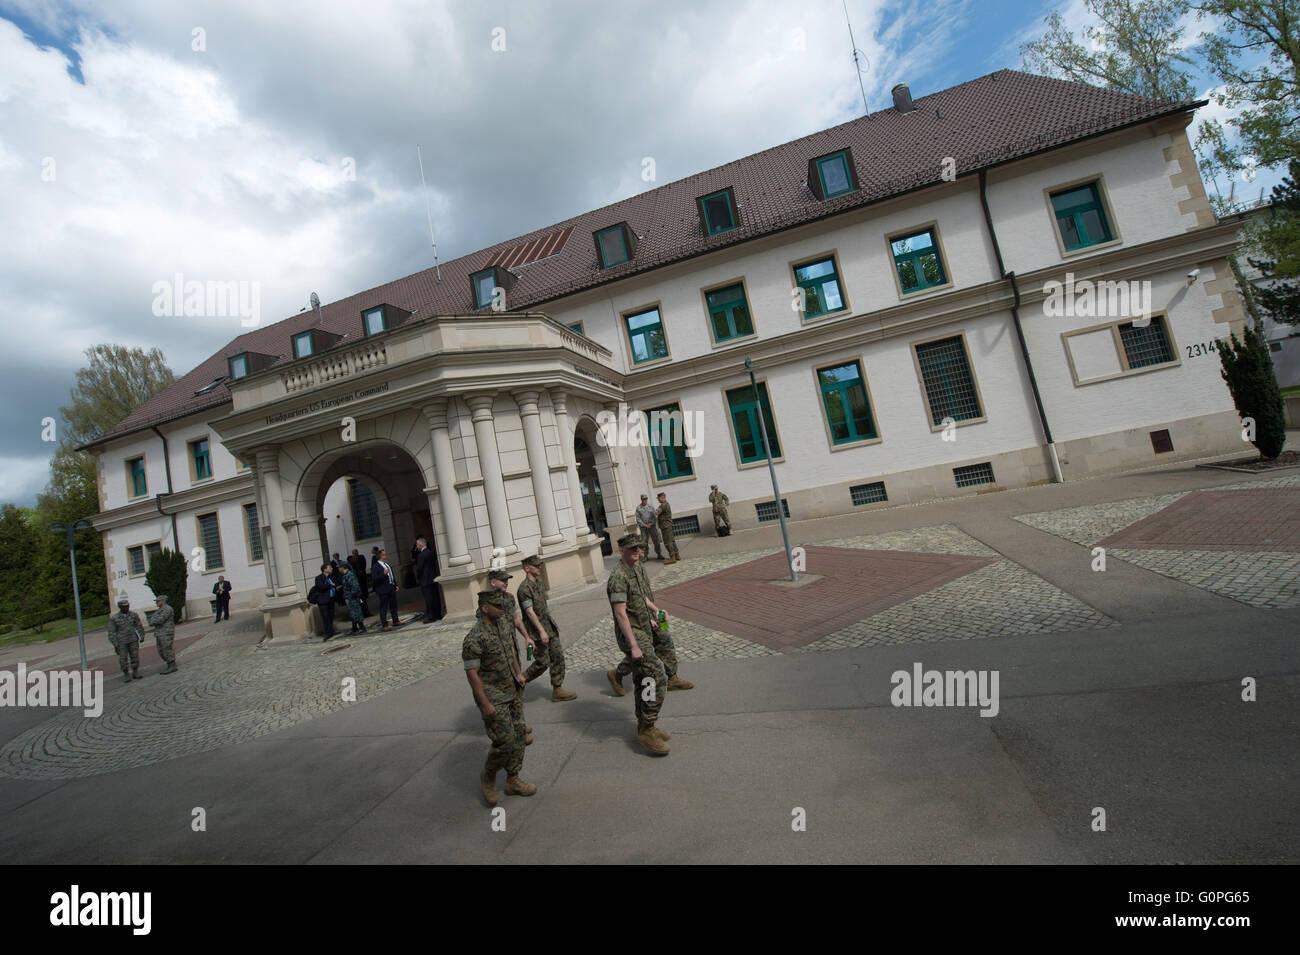 patch barracks in stuttgart germany